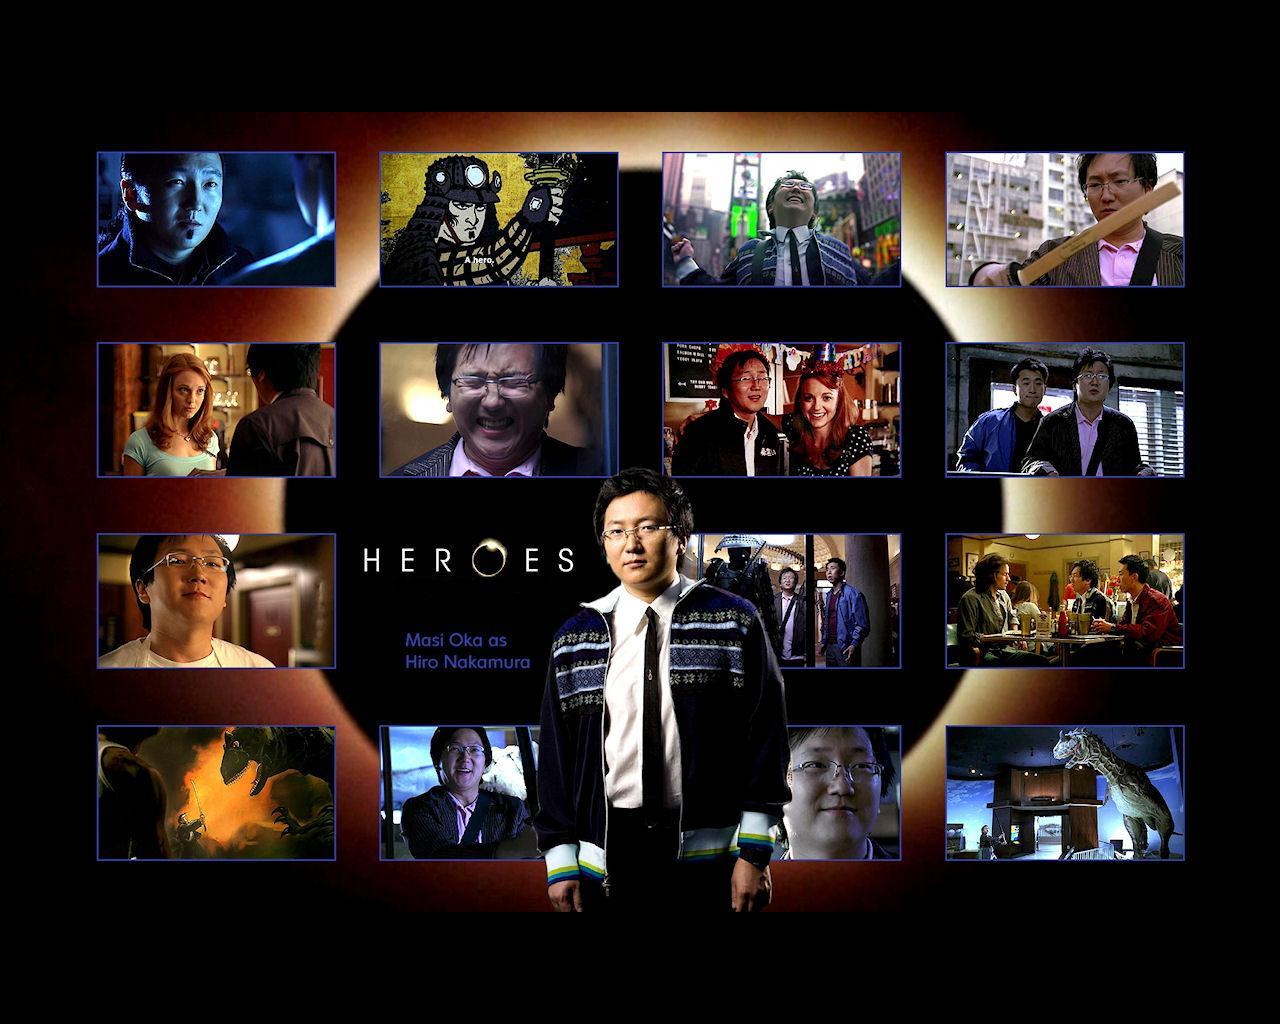 heroes s3 wallpaper - photo #22